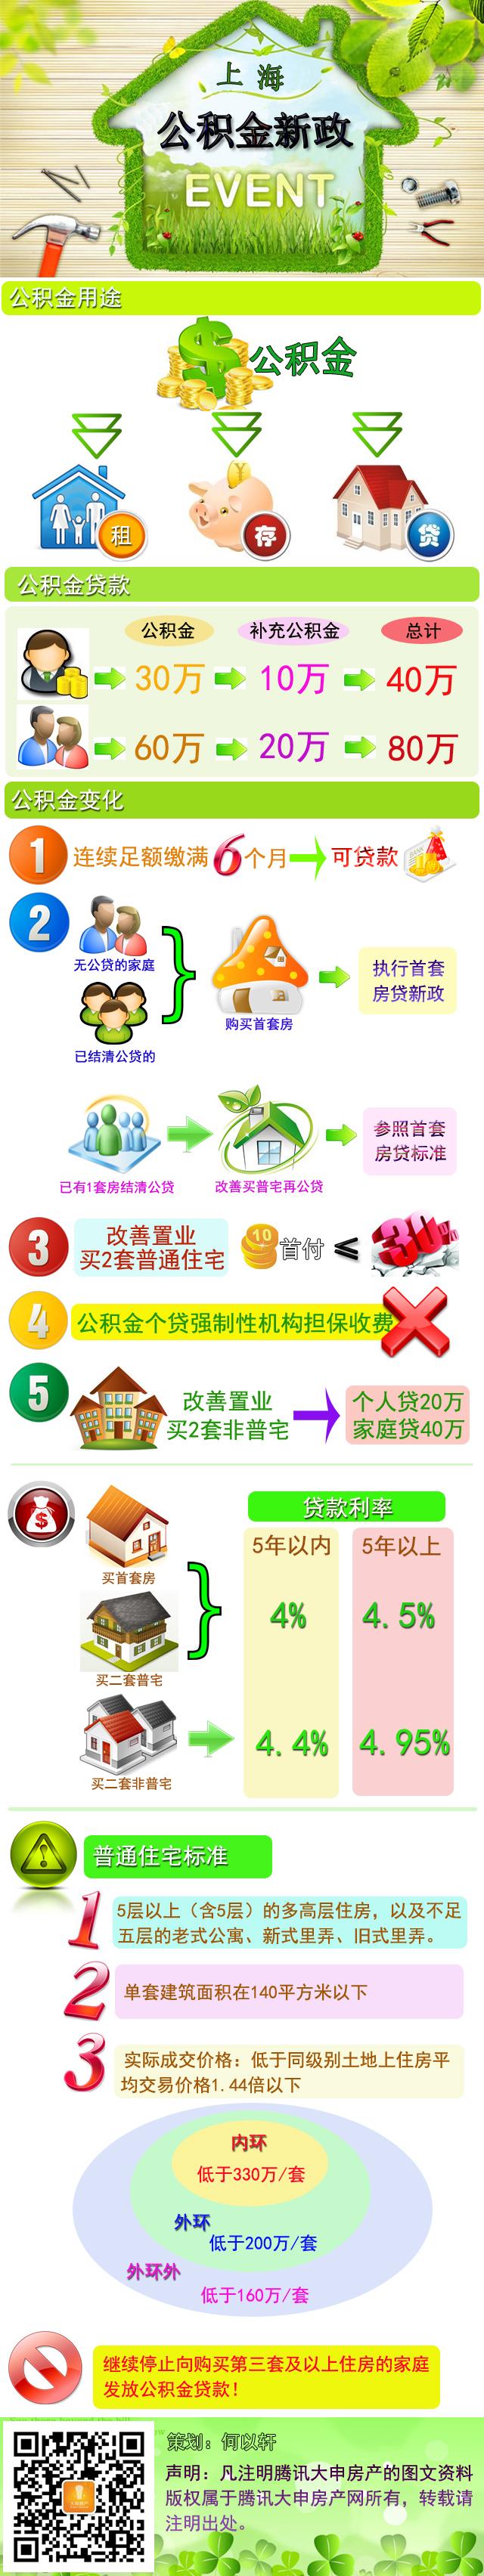 解读上海公积金新政